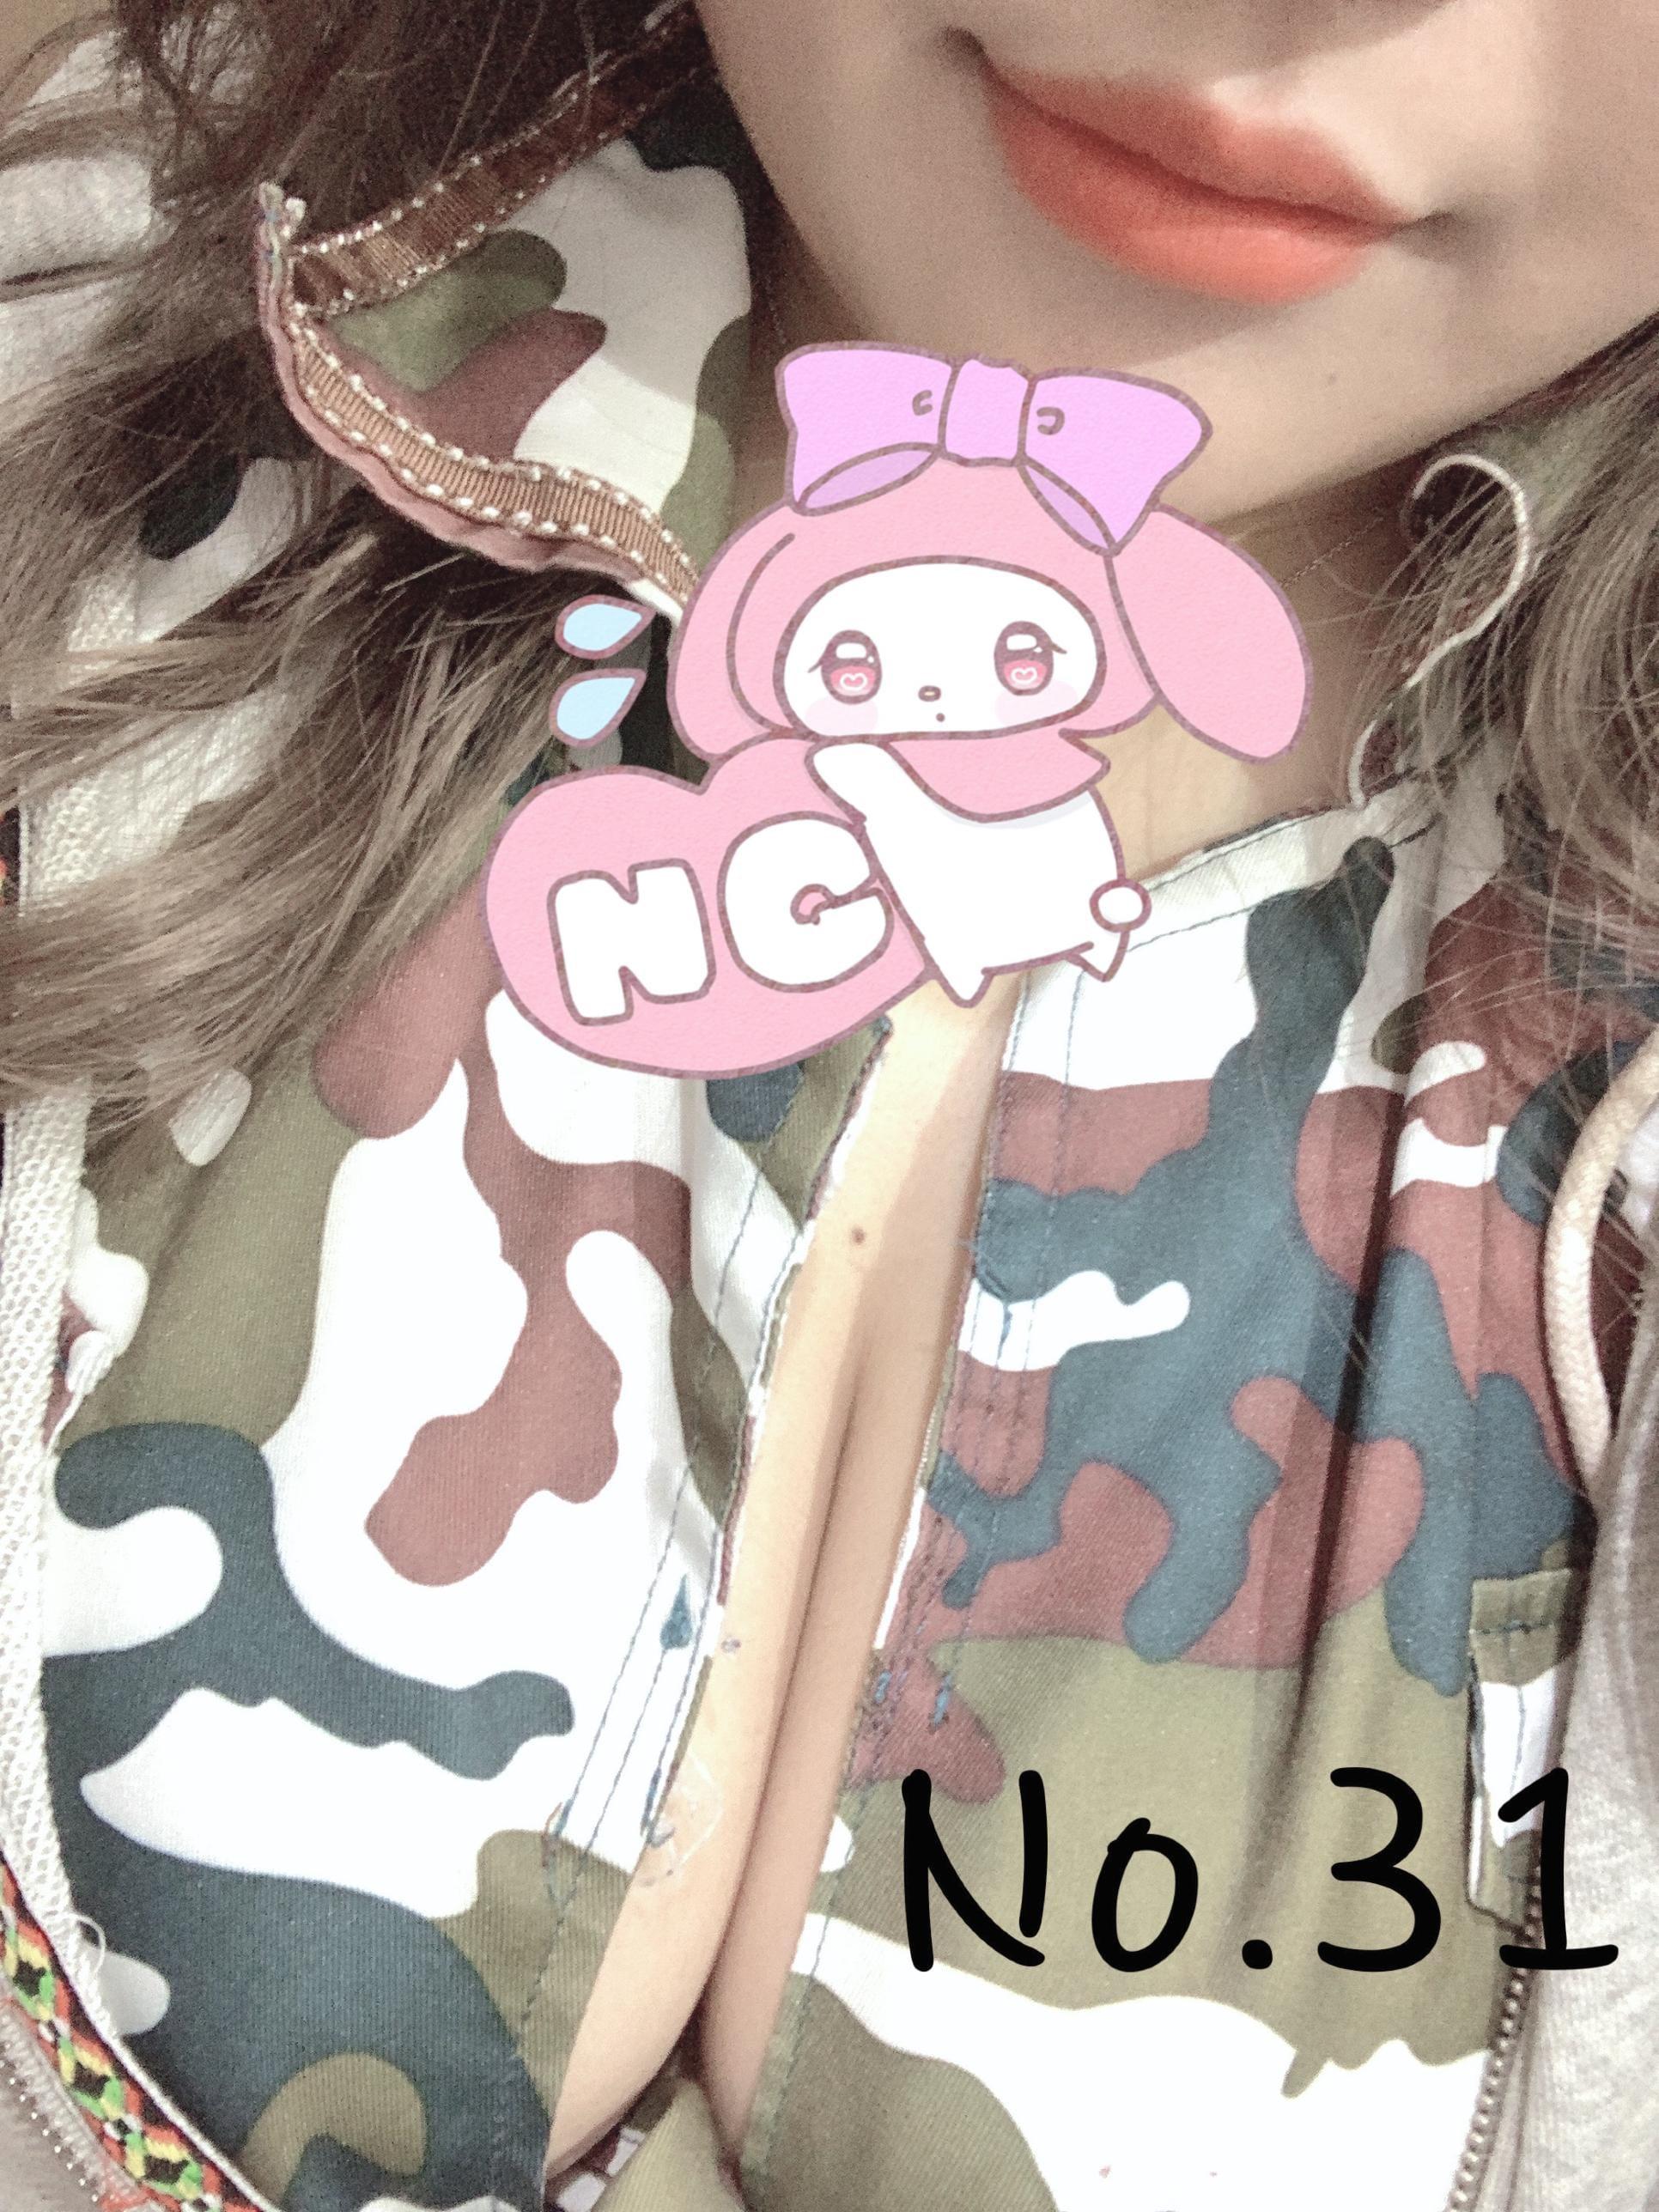 柊「No.31 柊」01/21(木) 10:36 | 柊の写メ・風俗動画